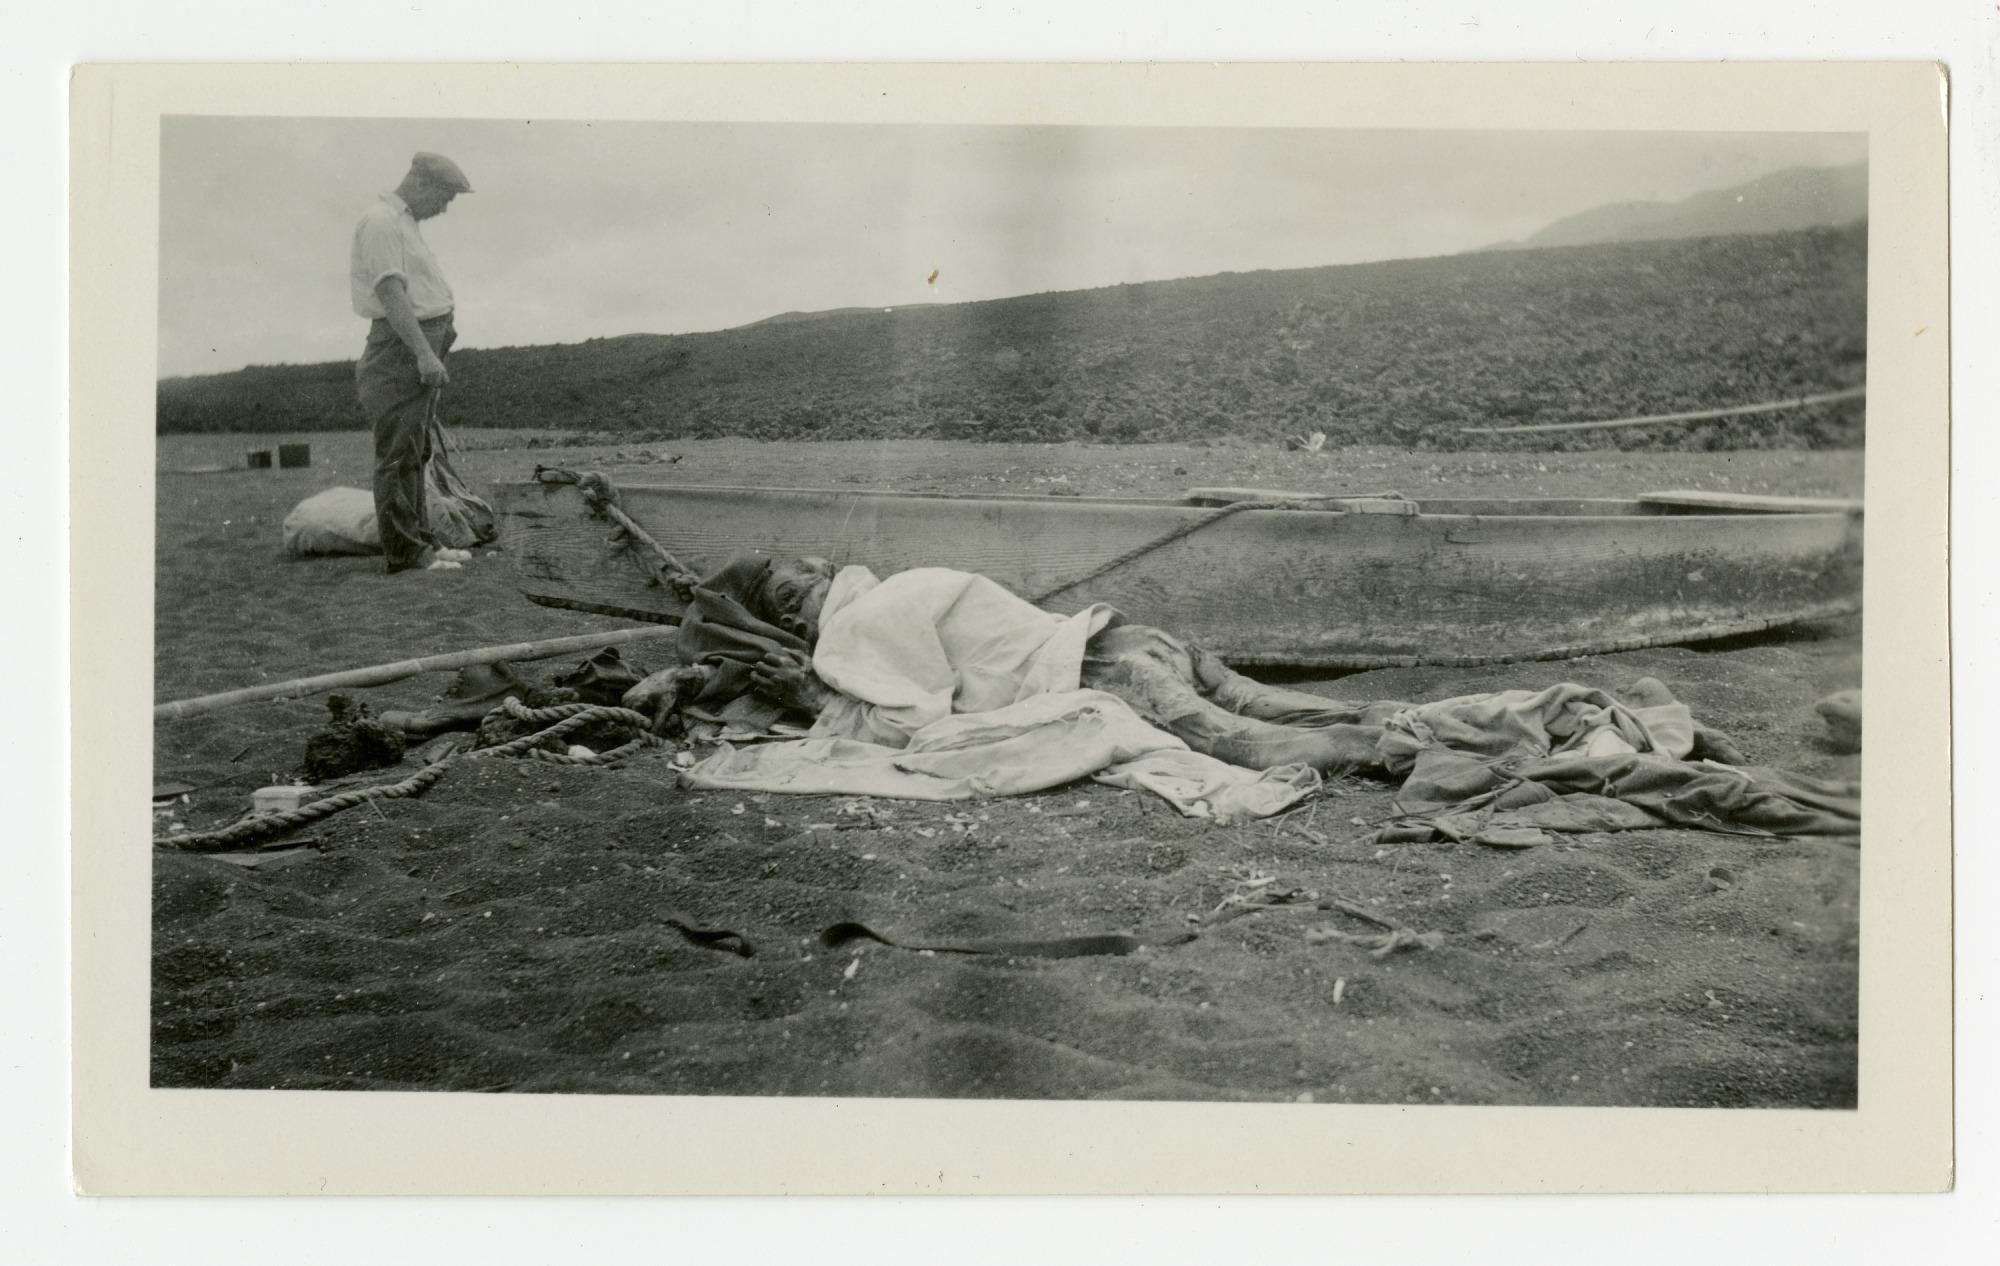 Captain Nyggerud's Body, Marchena Island. [NOTE: Graphic Content]